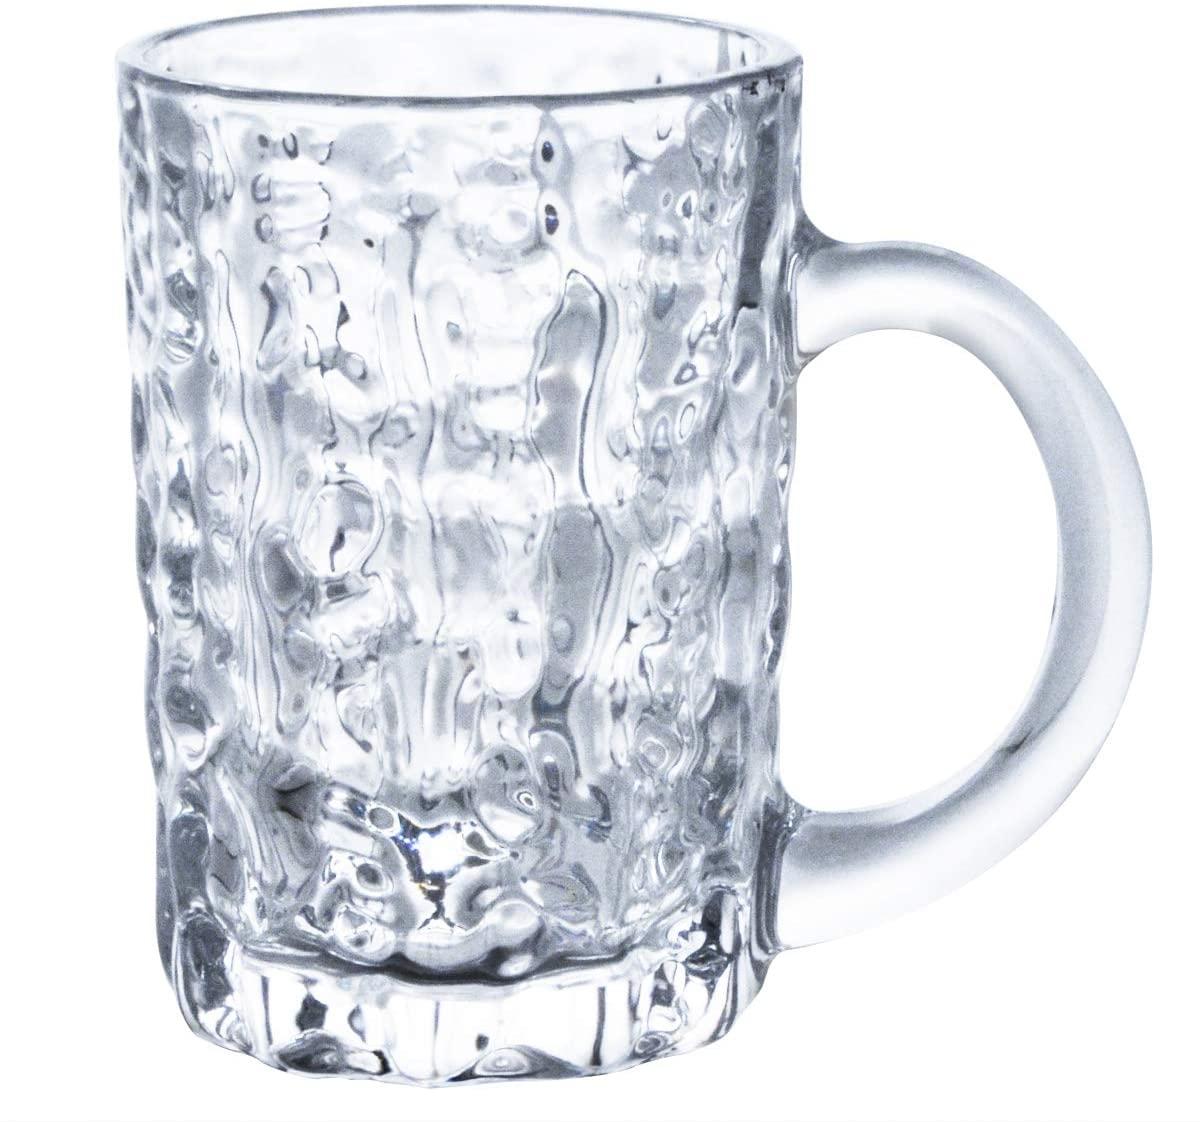 東洋佐々木ガラス(とうようささきがらす)アイスクル M  P-26353-JANの商品画像